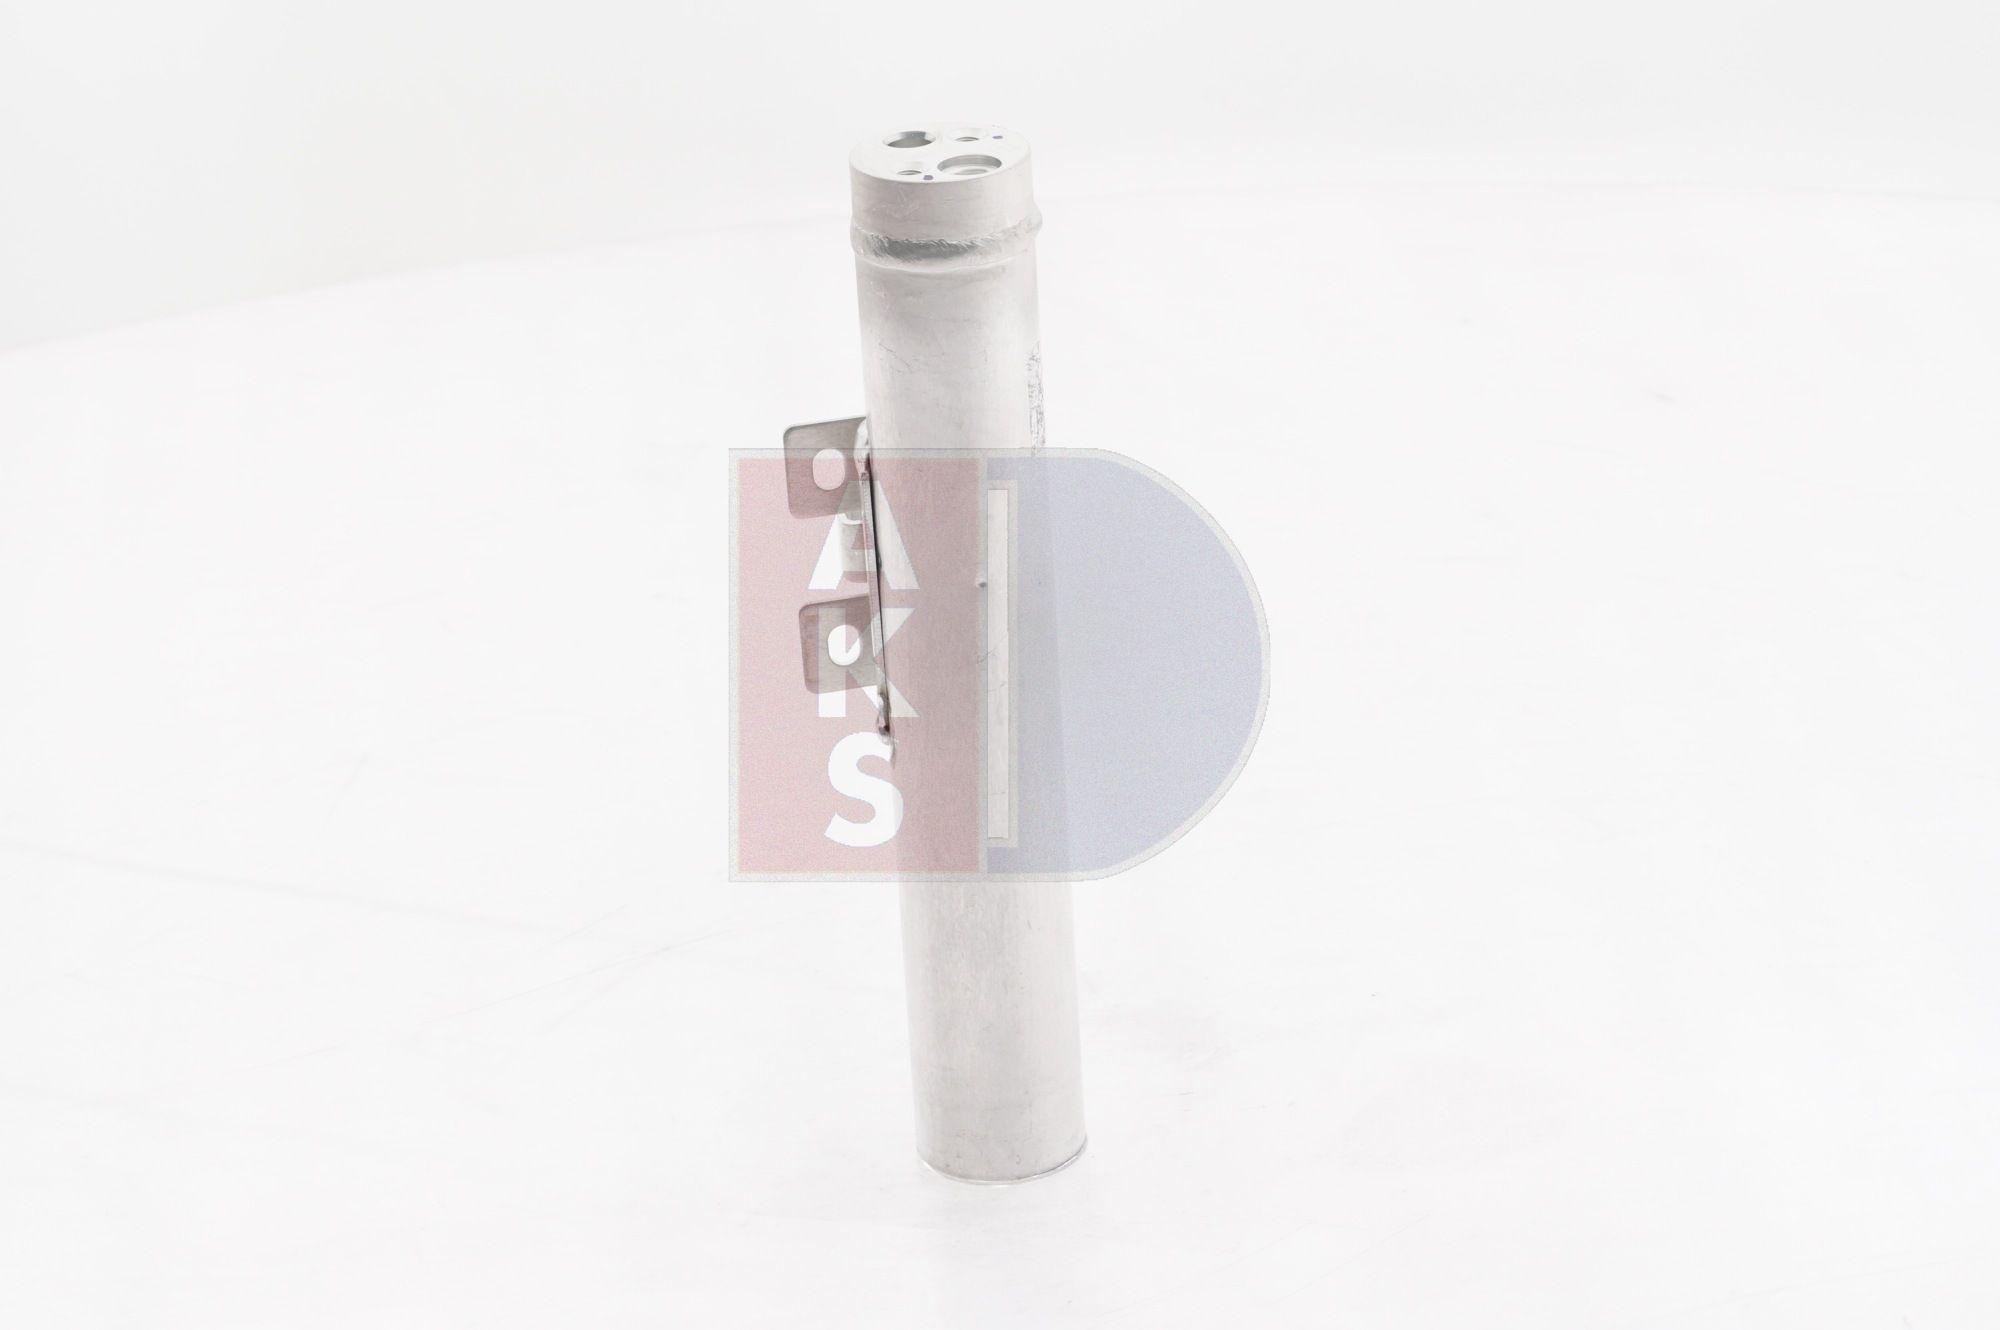 800623N Klimatrockner AKS DASIS - Markenprodukte billig